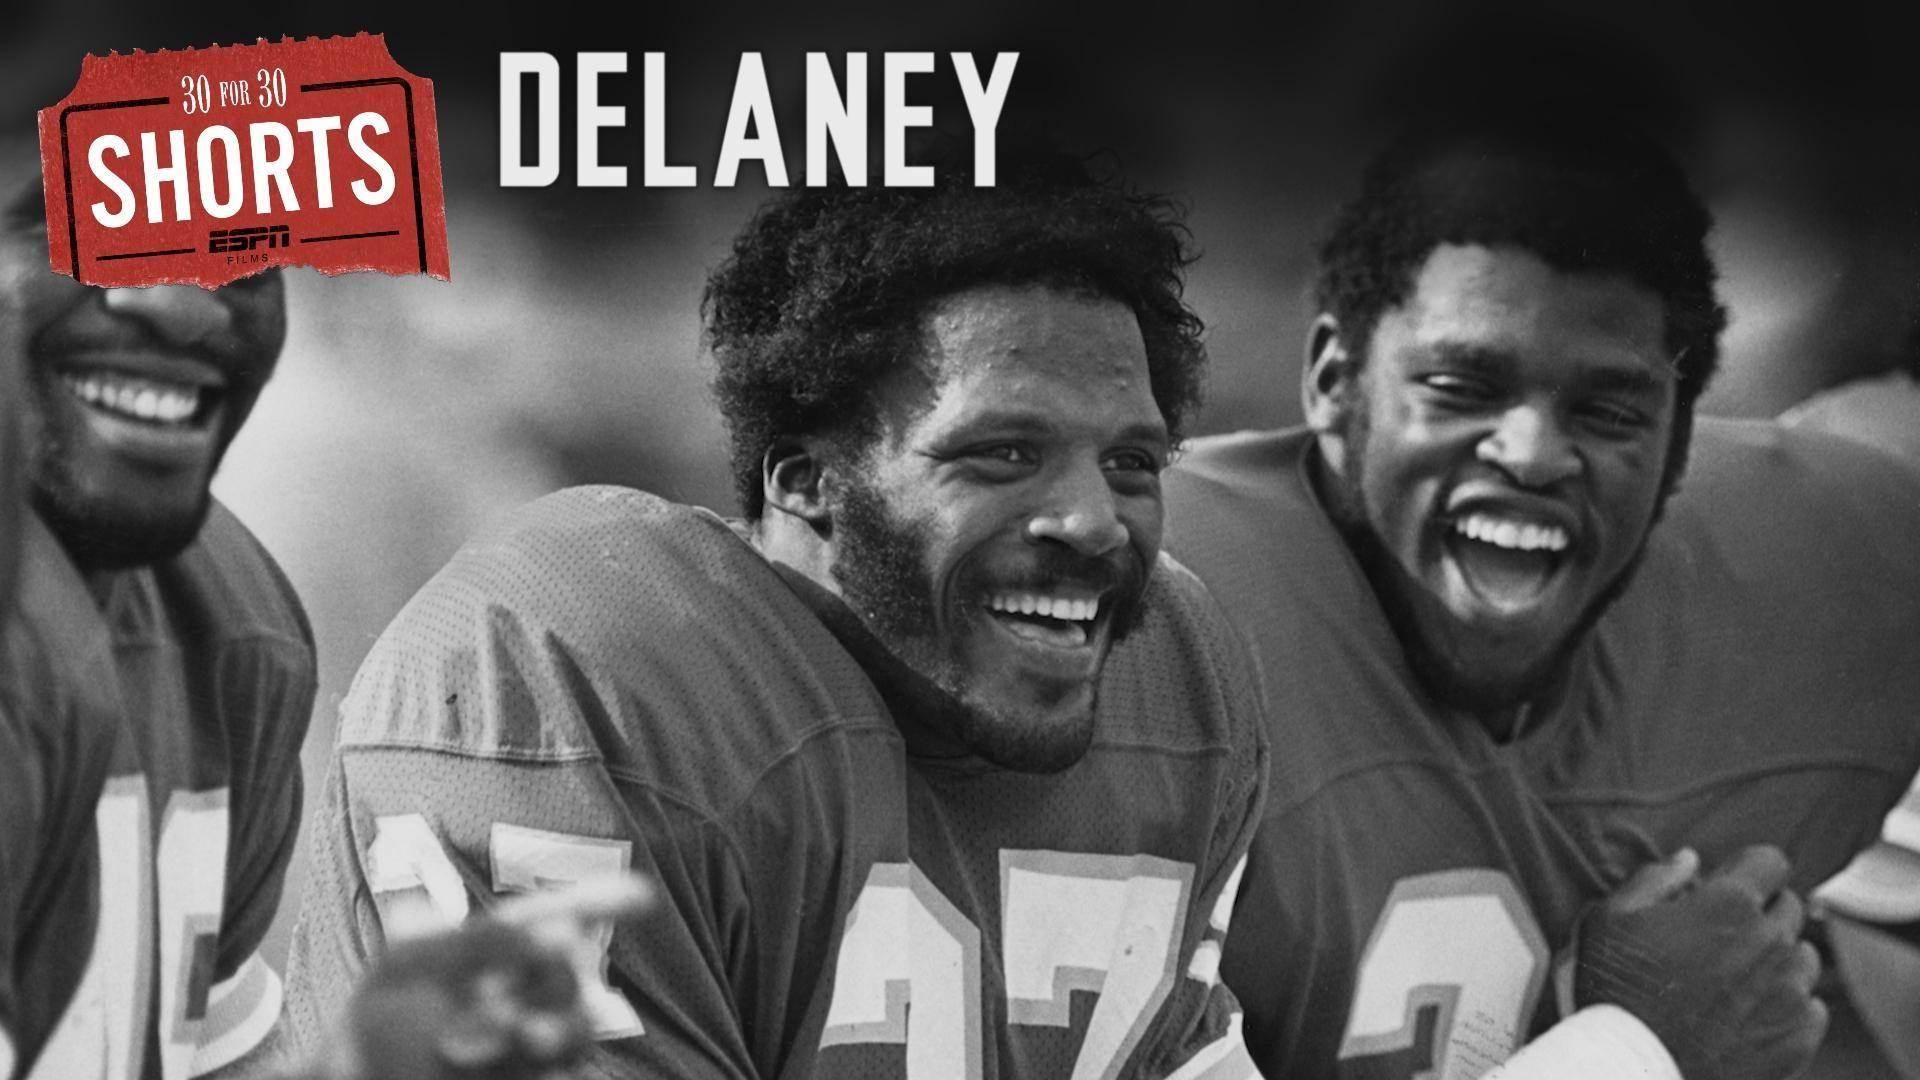 30 for 30 Shorts: Delaney